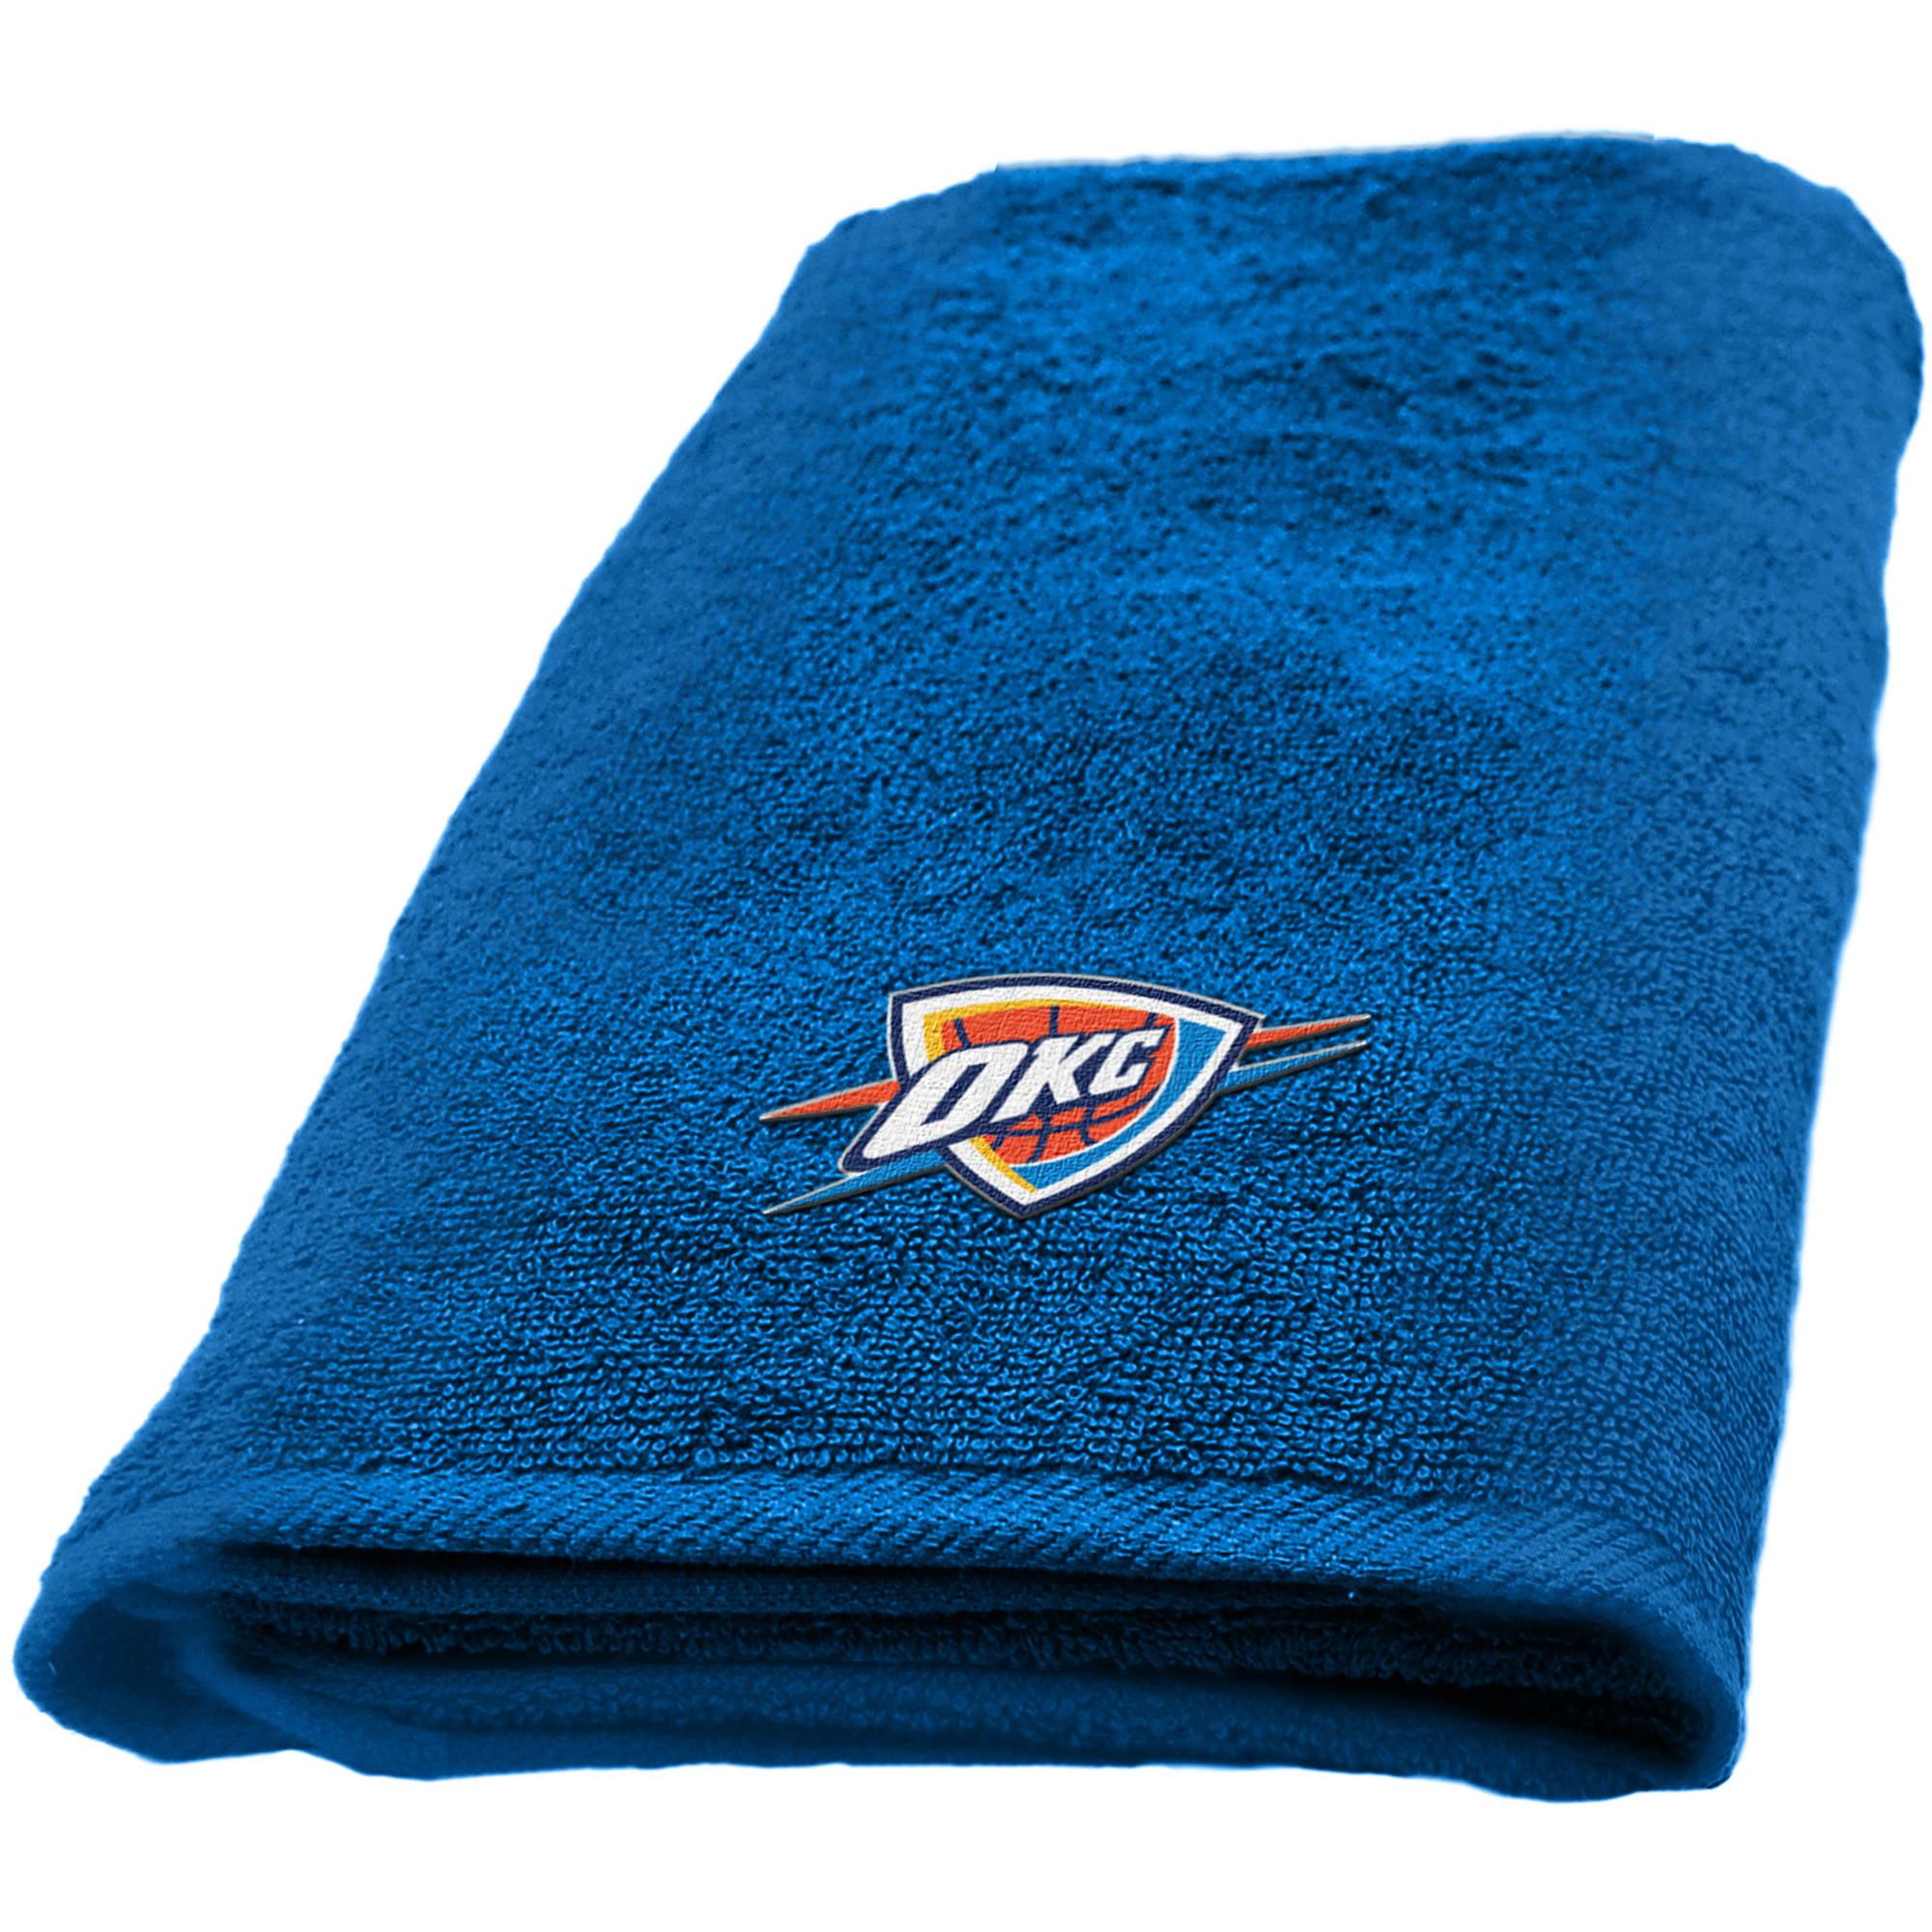 """NBA Oklahoma City Thunder 11"""" x 18"""" Applique Fingertip Towel, 1 Each"""